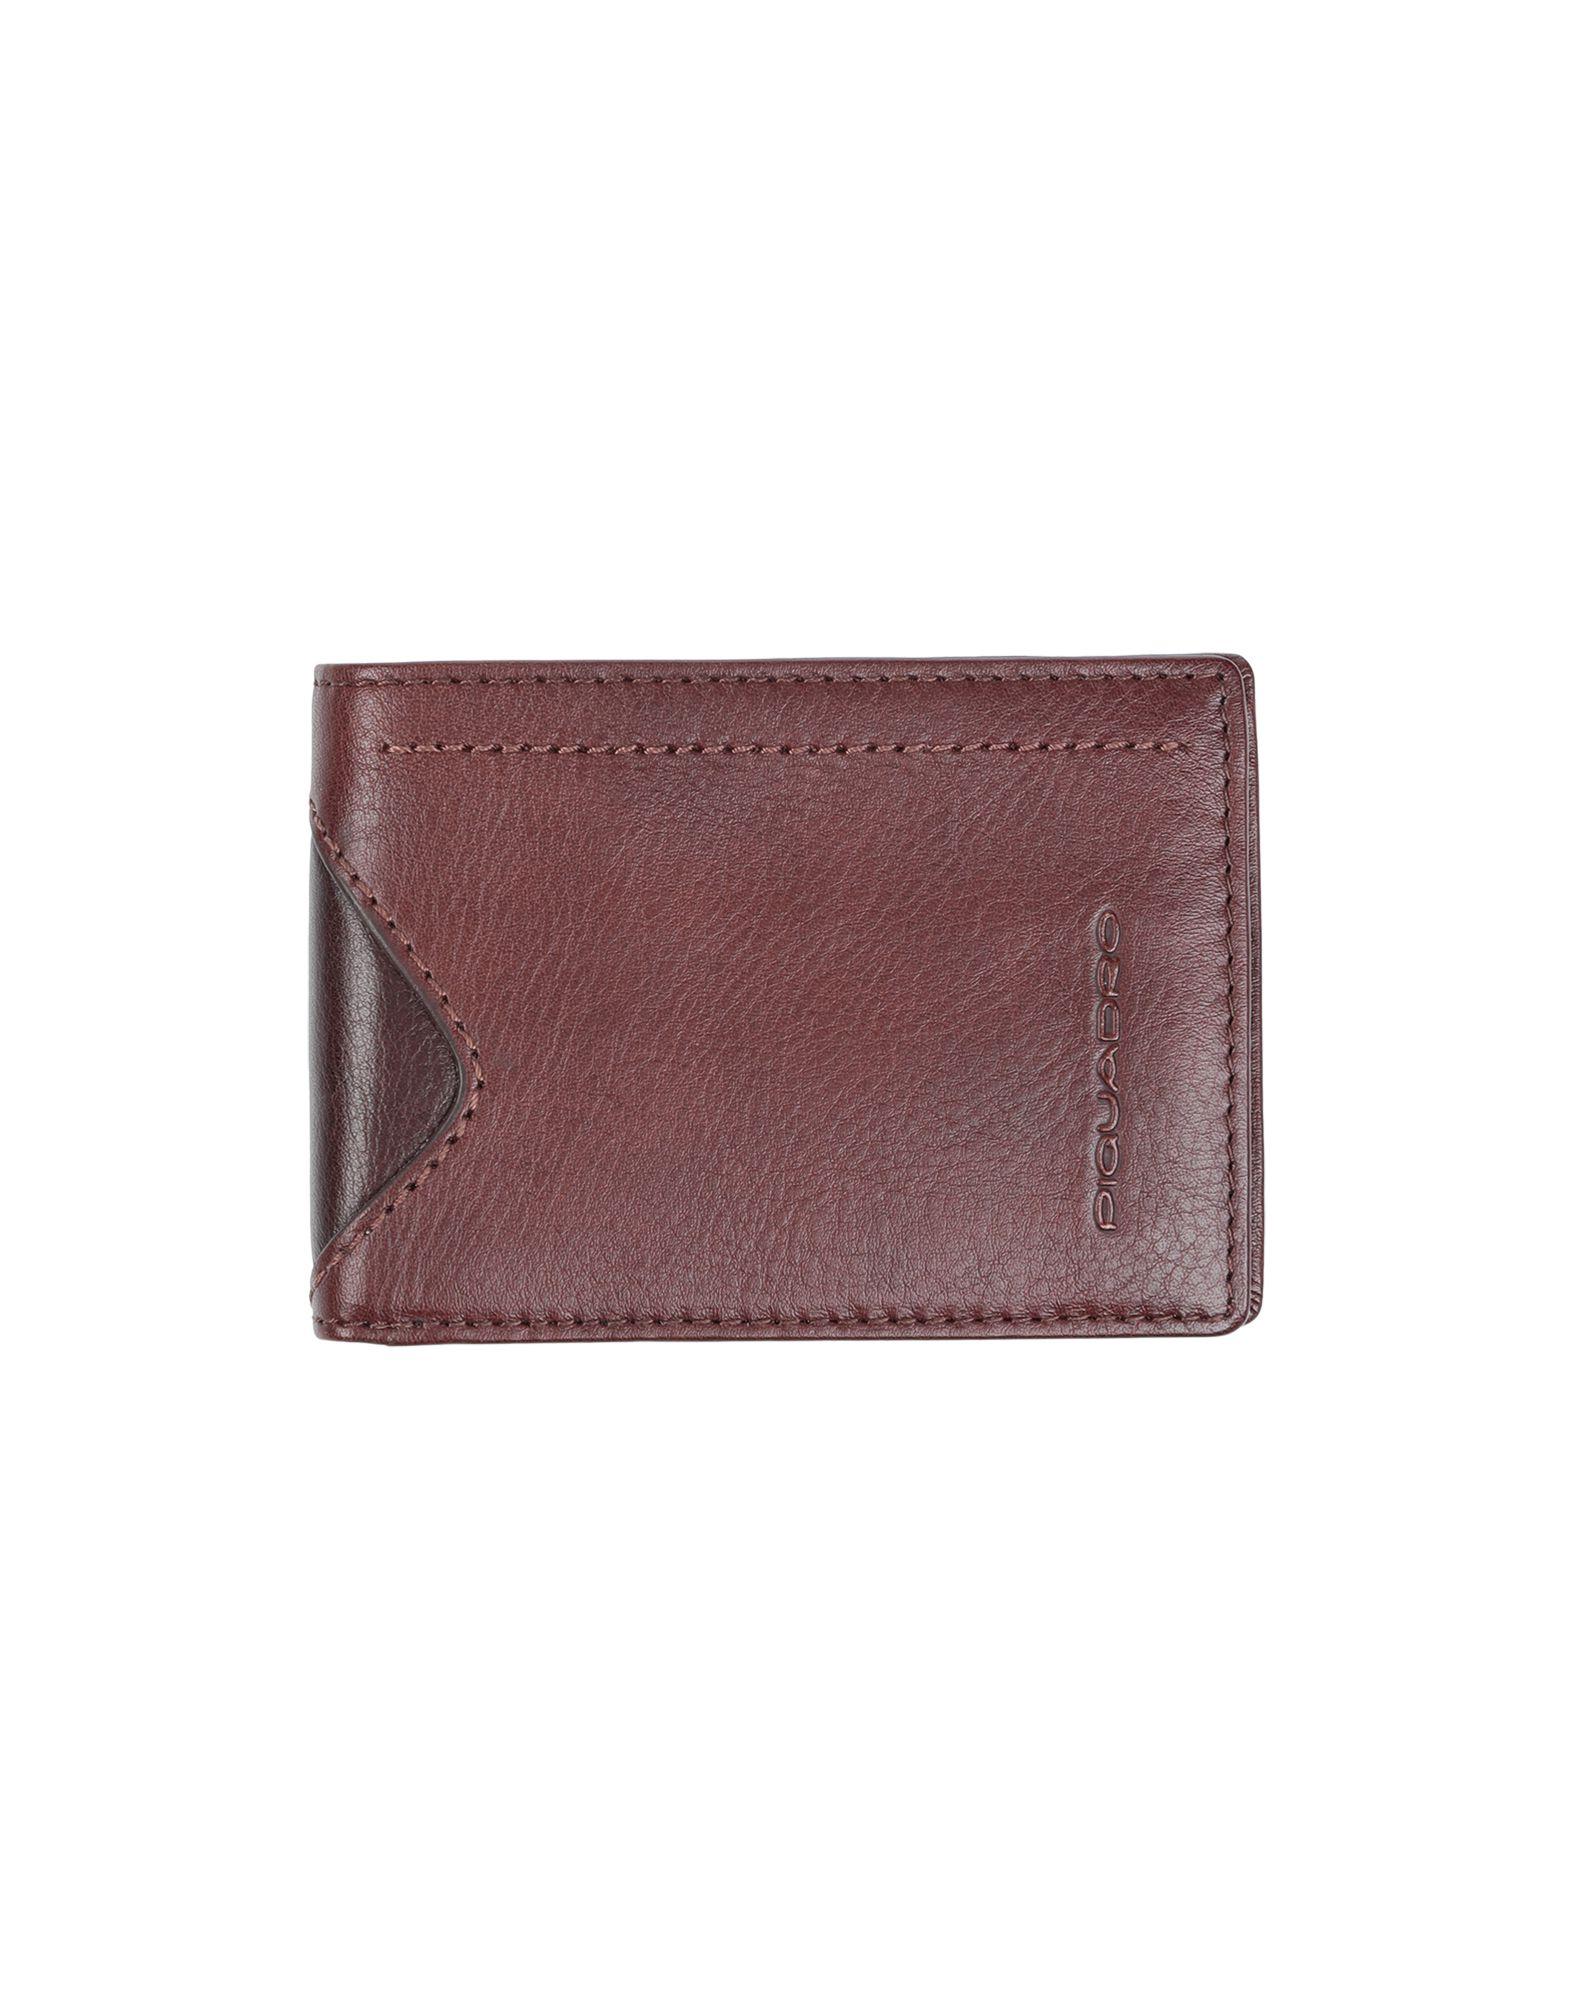 《送料無料》PIQUADRO メンズ 財布 ココア 牛革